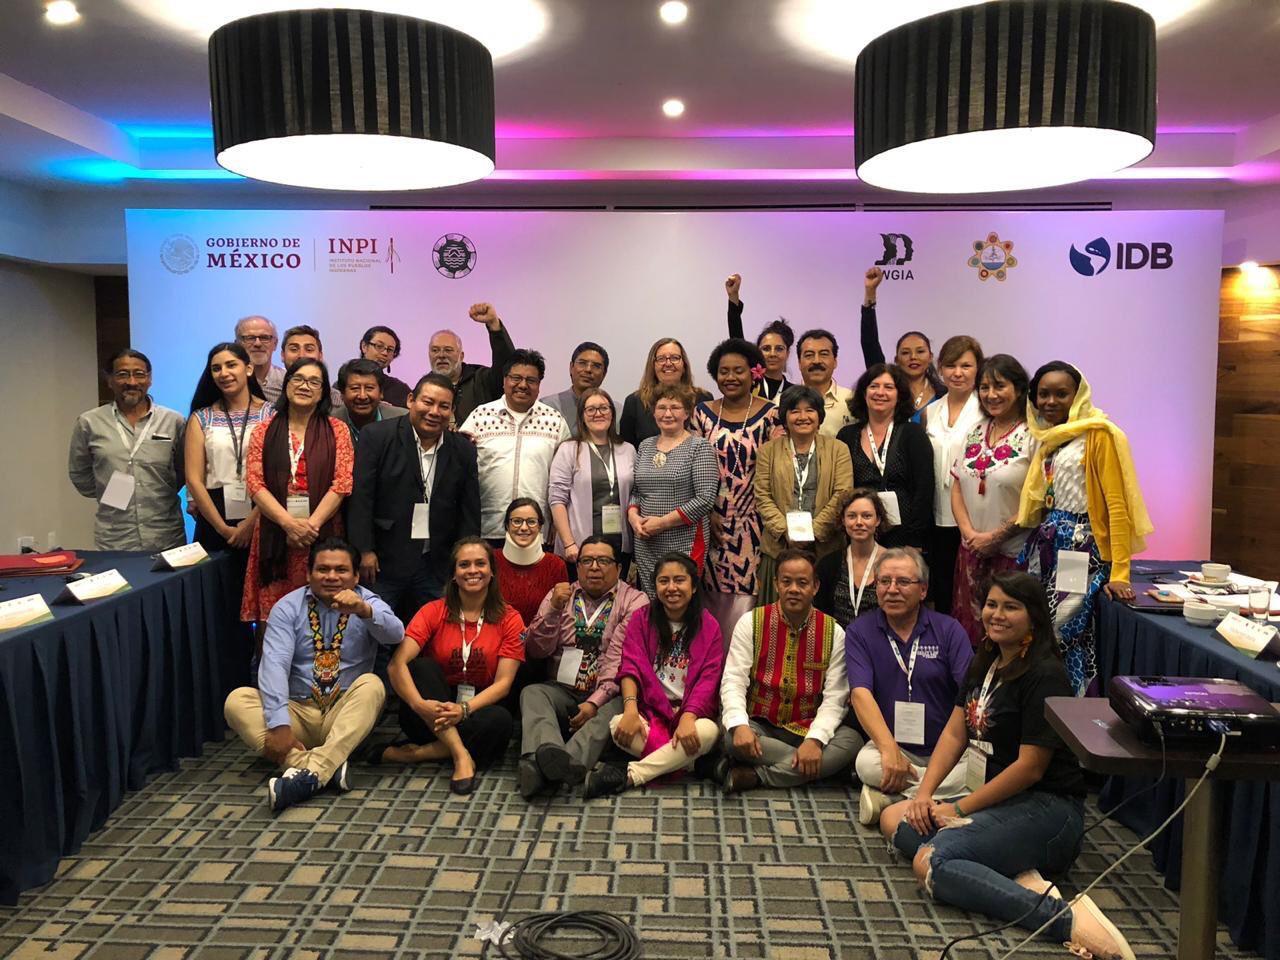 Representantes de pueblos indígenas de todo el mundo se reúnen para definir acciones de adaptación y mitigación de los efectos del cambio climático